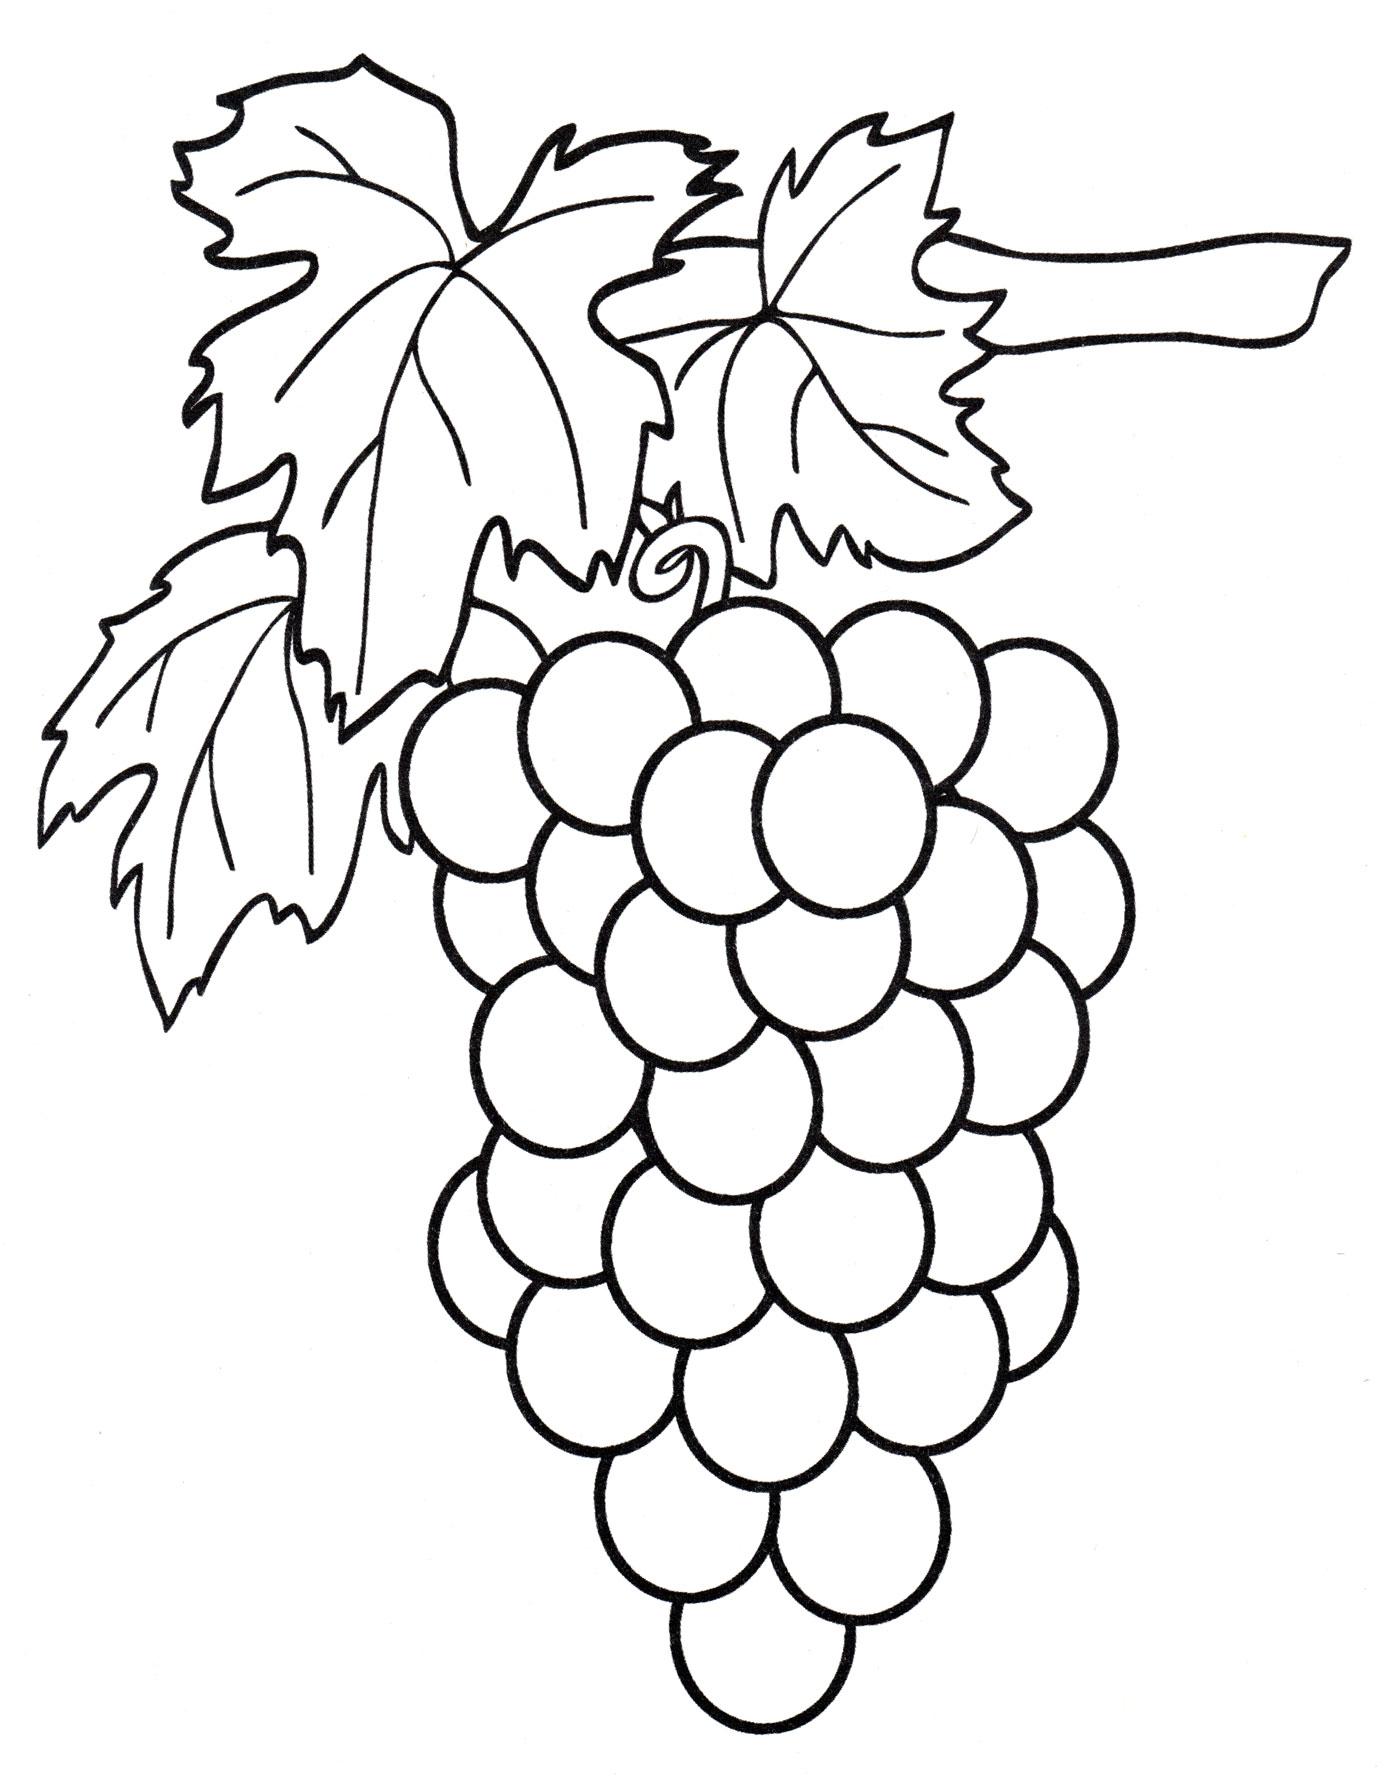 Раскраска Гроздочка винограда - распечатать бесплатно